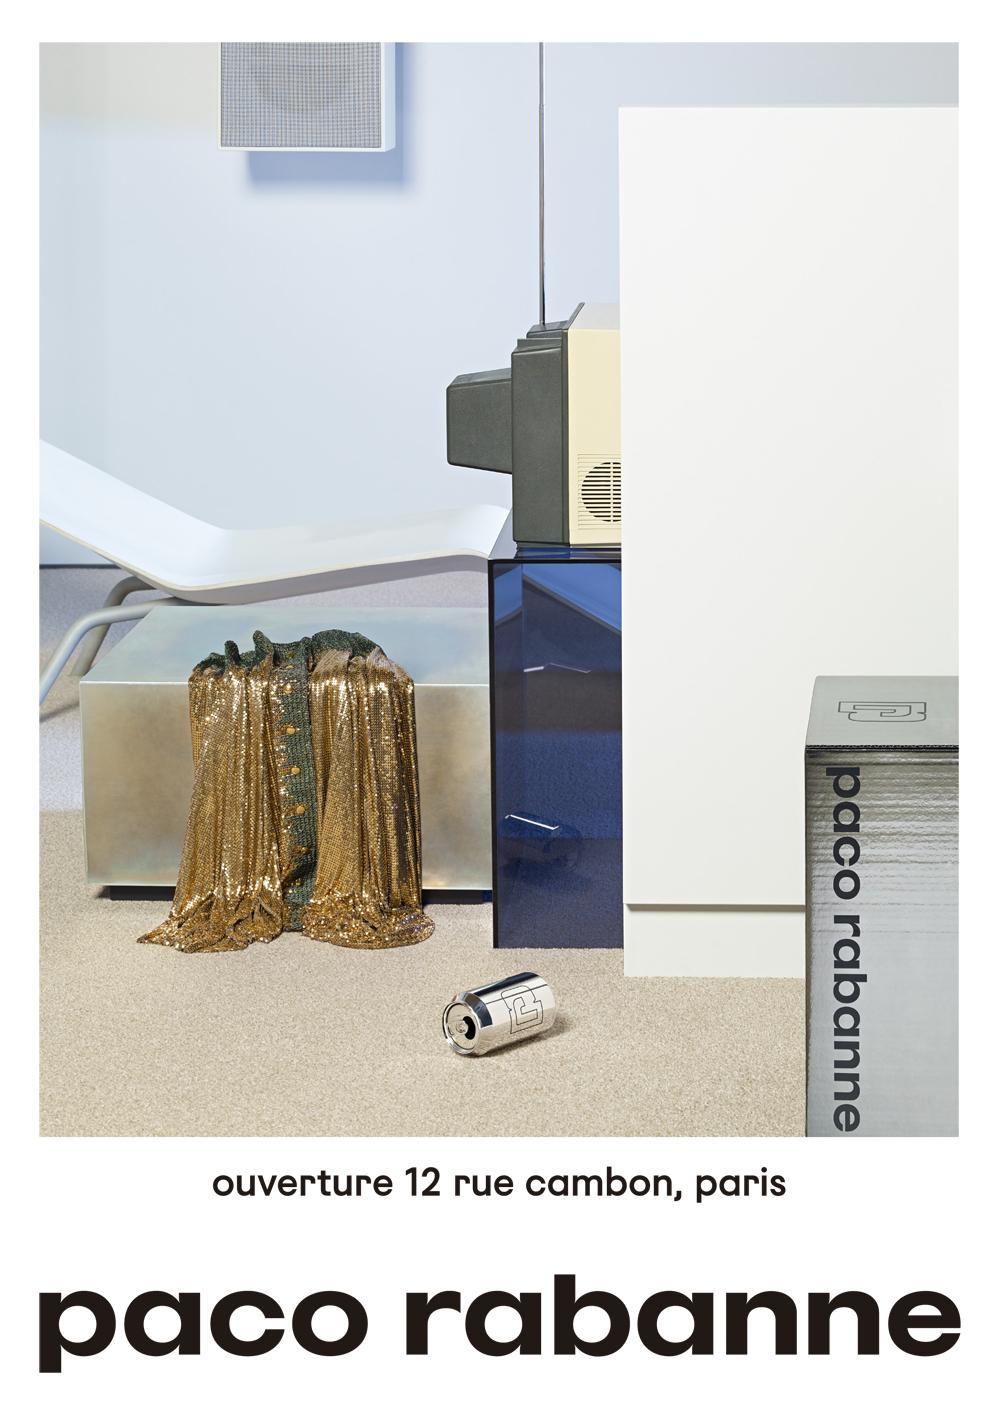 パリの第1号店と共に披露された、ブランド初の広告キャンペーン。フォトグラファーは Scheltens & Abbenes | © paco rabanne